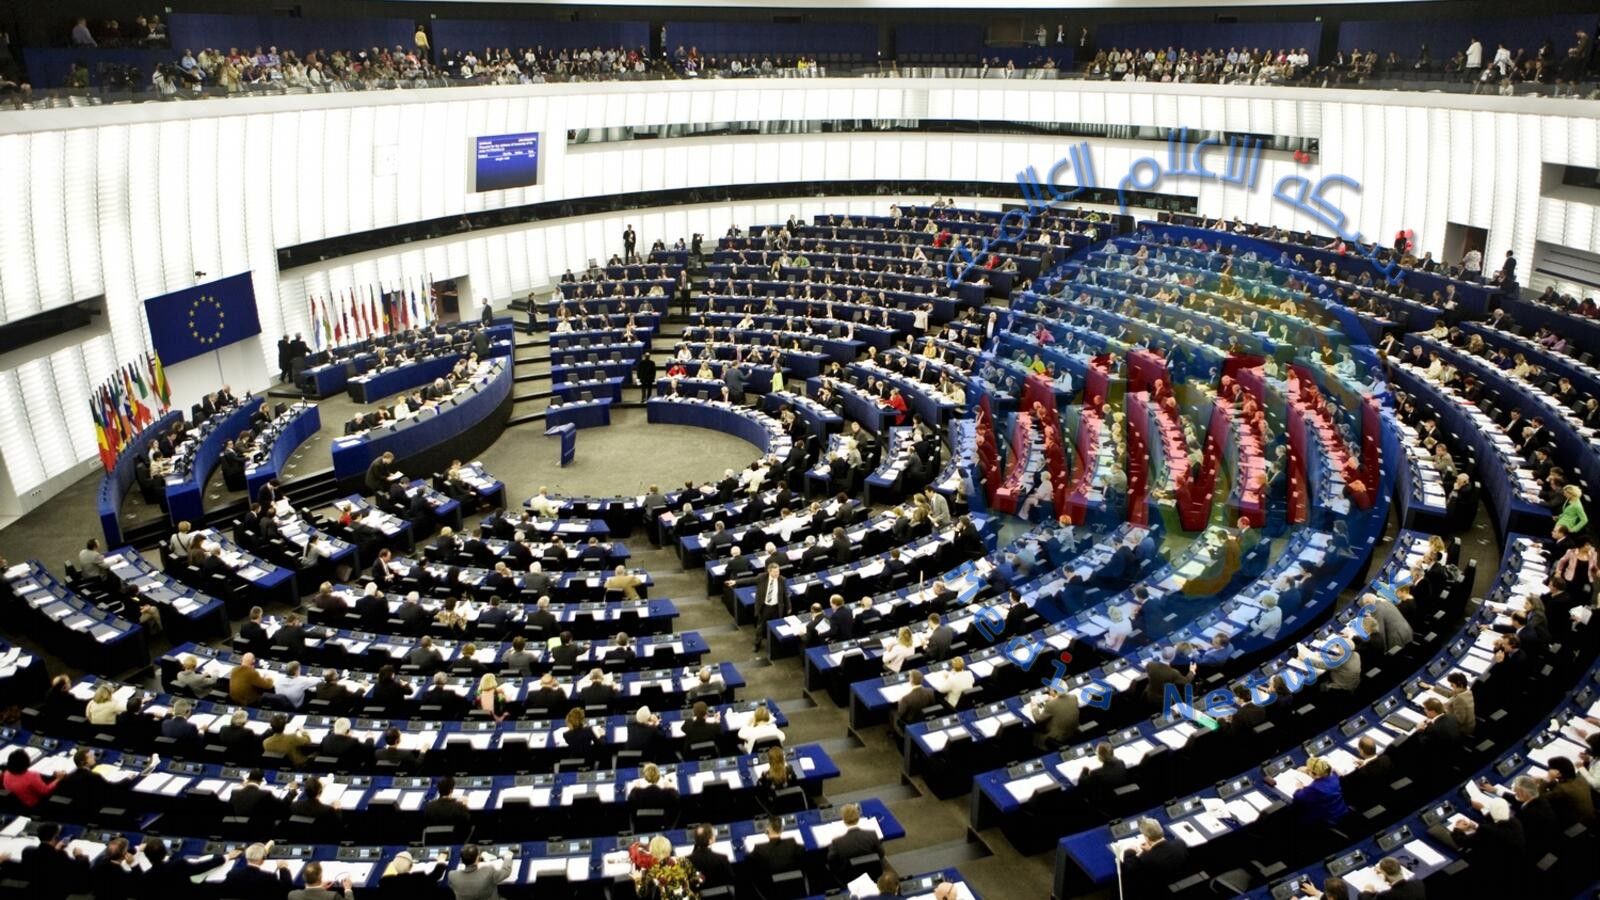 البرلمان الأوروبي ينتخب رئيسا جديدا له